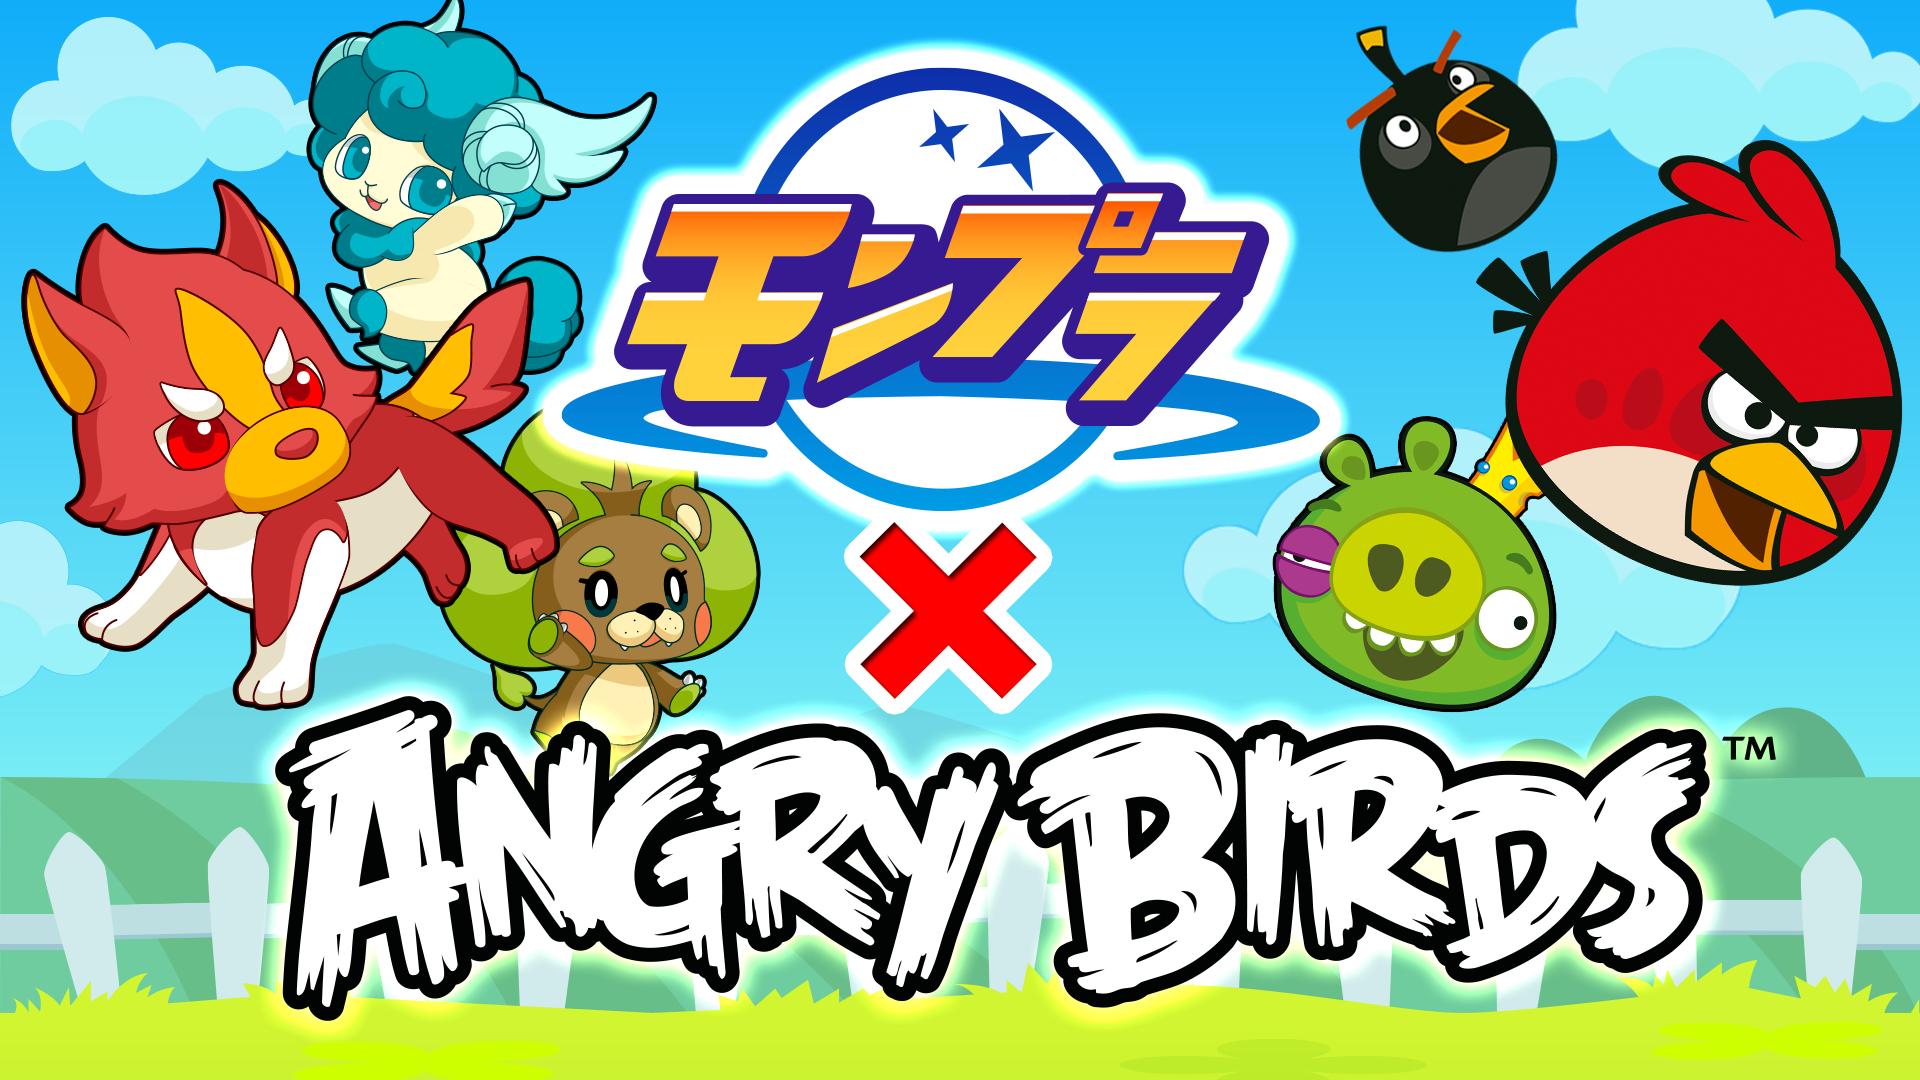 RovioのAngry Birds、今度はGREEのタイトルとコラボ決定! 第一弾はモンスター育成ゲーム「モンプラ」